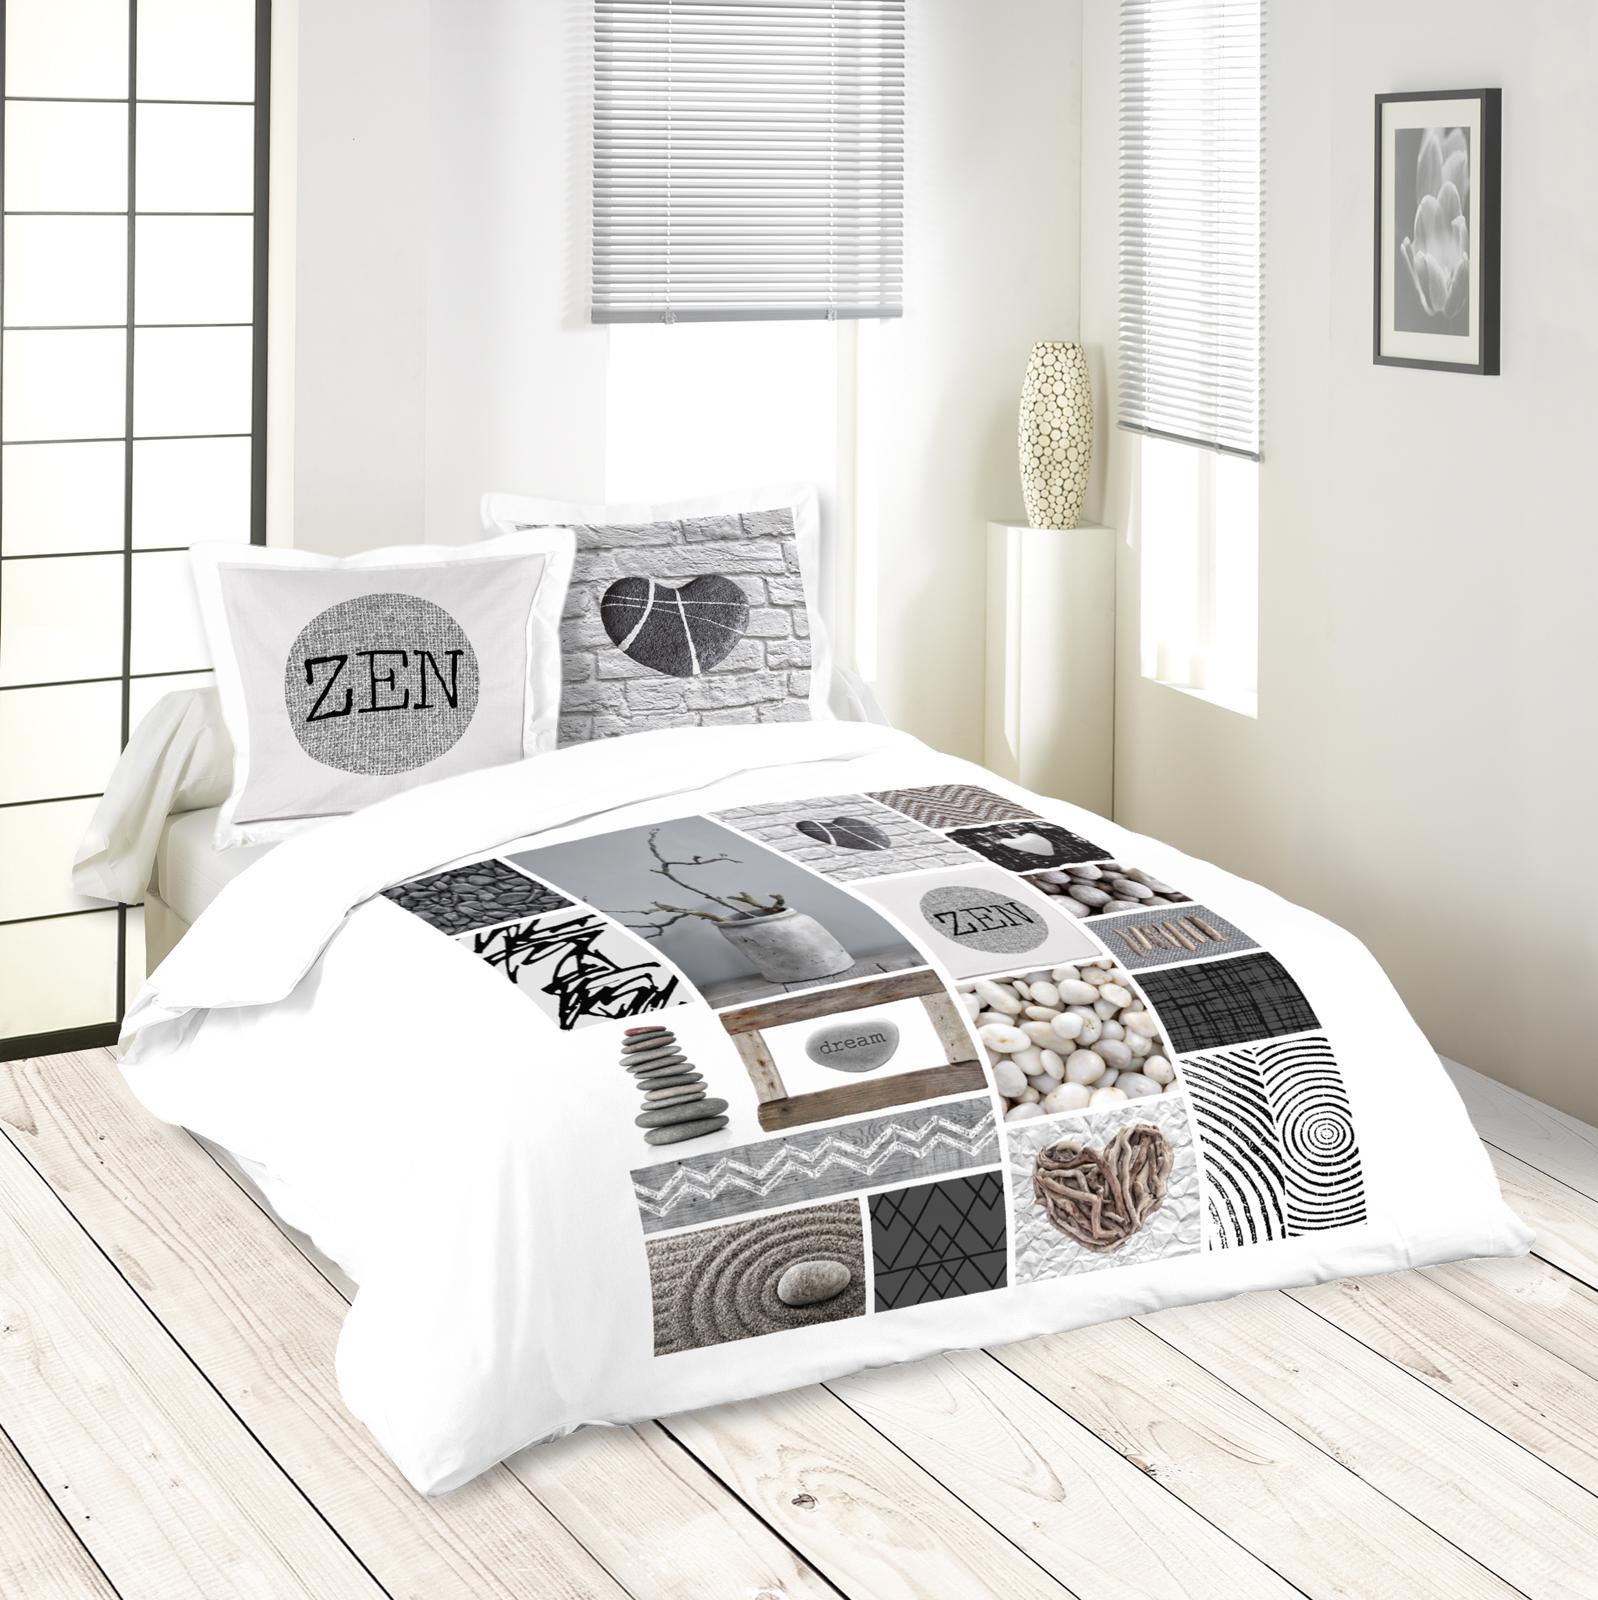 Parure De Lit Zen Romantique 260x240 Housse De Couette 2 Taies 63x63 100 Coton Cally